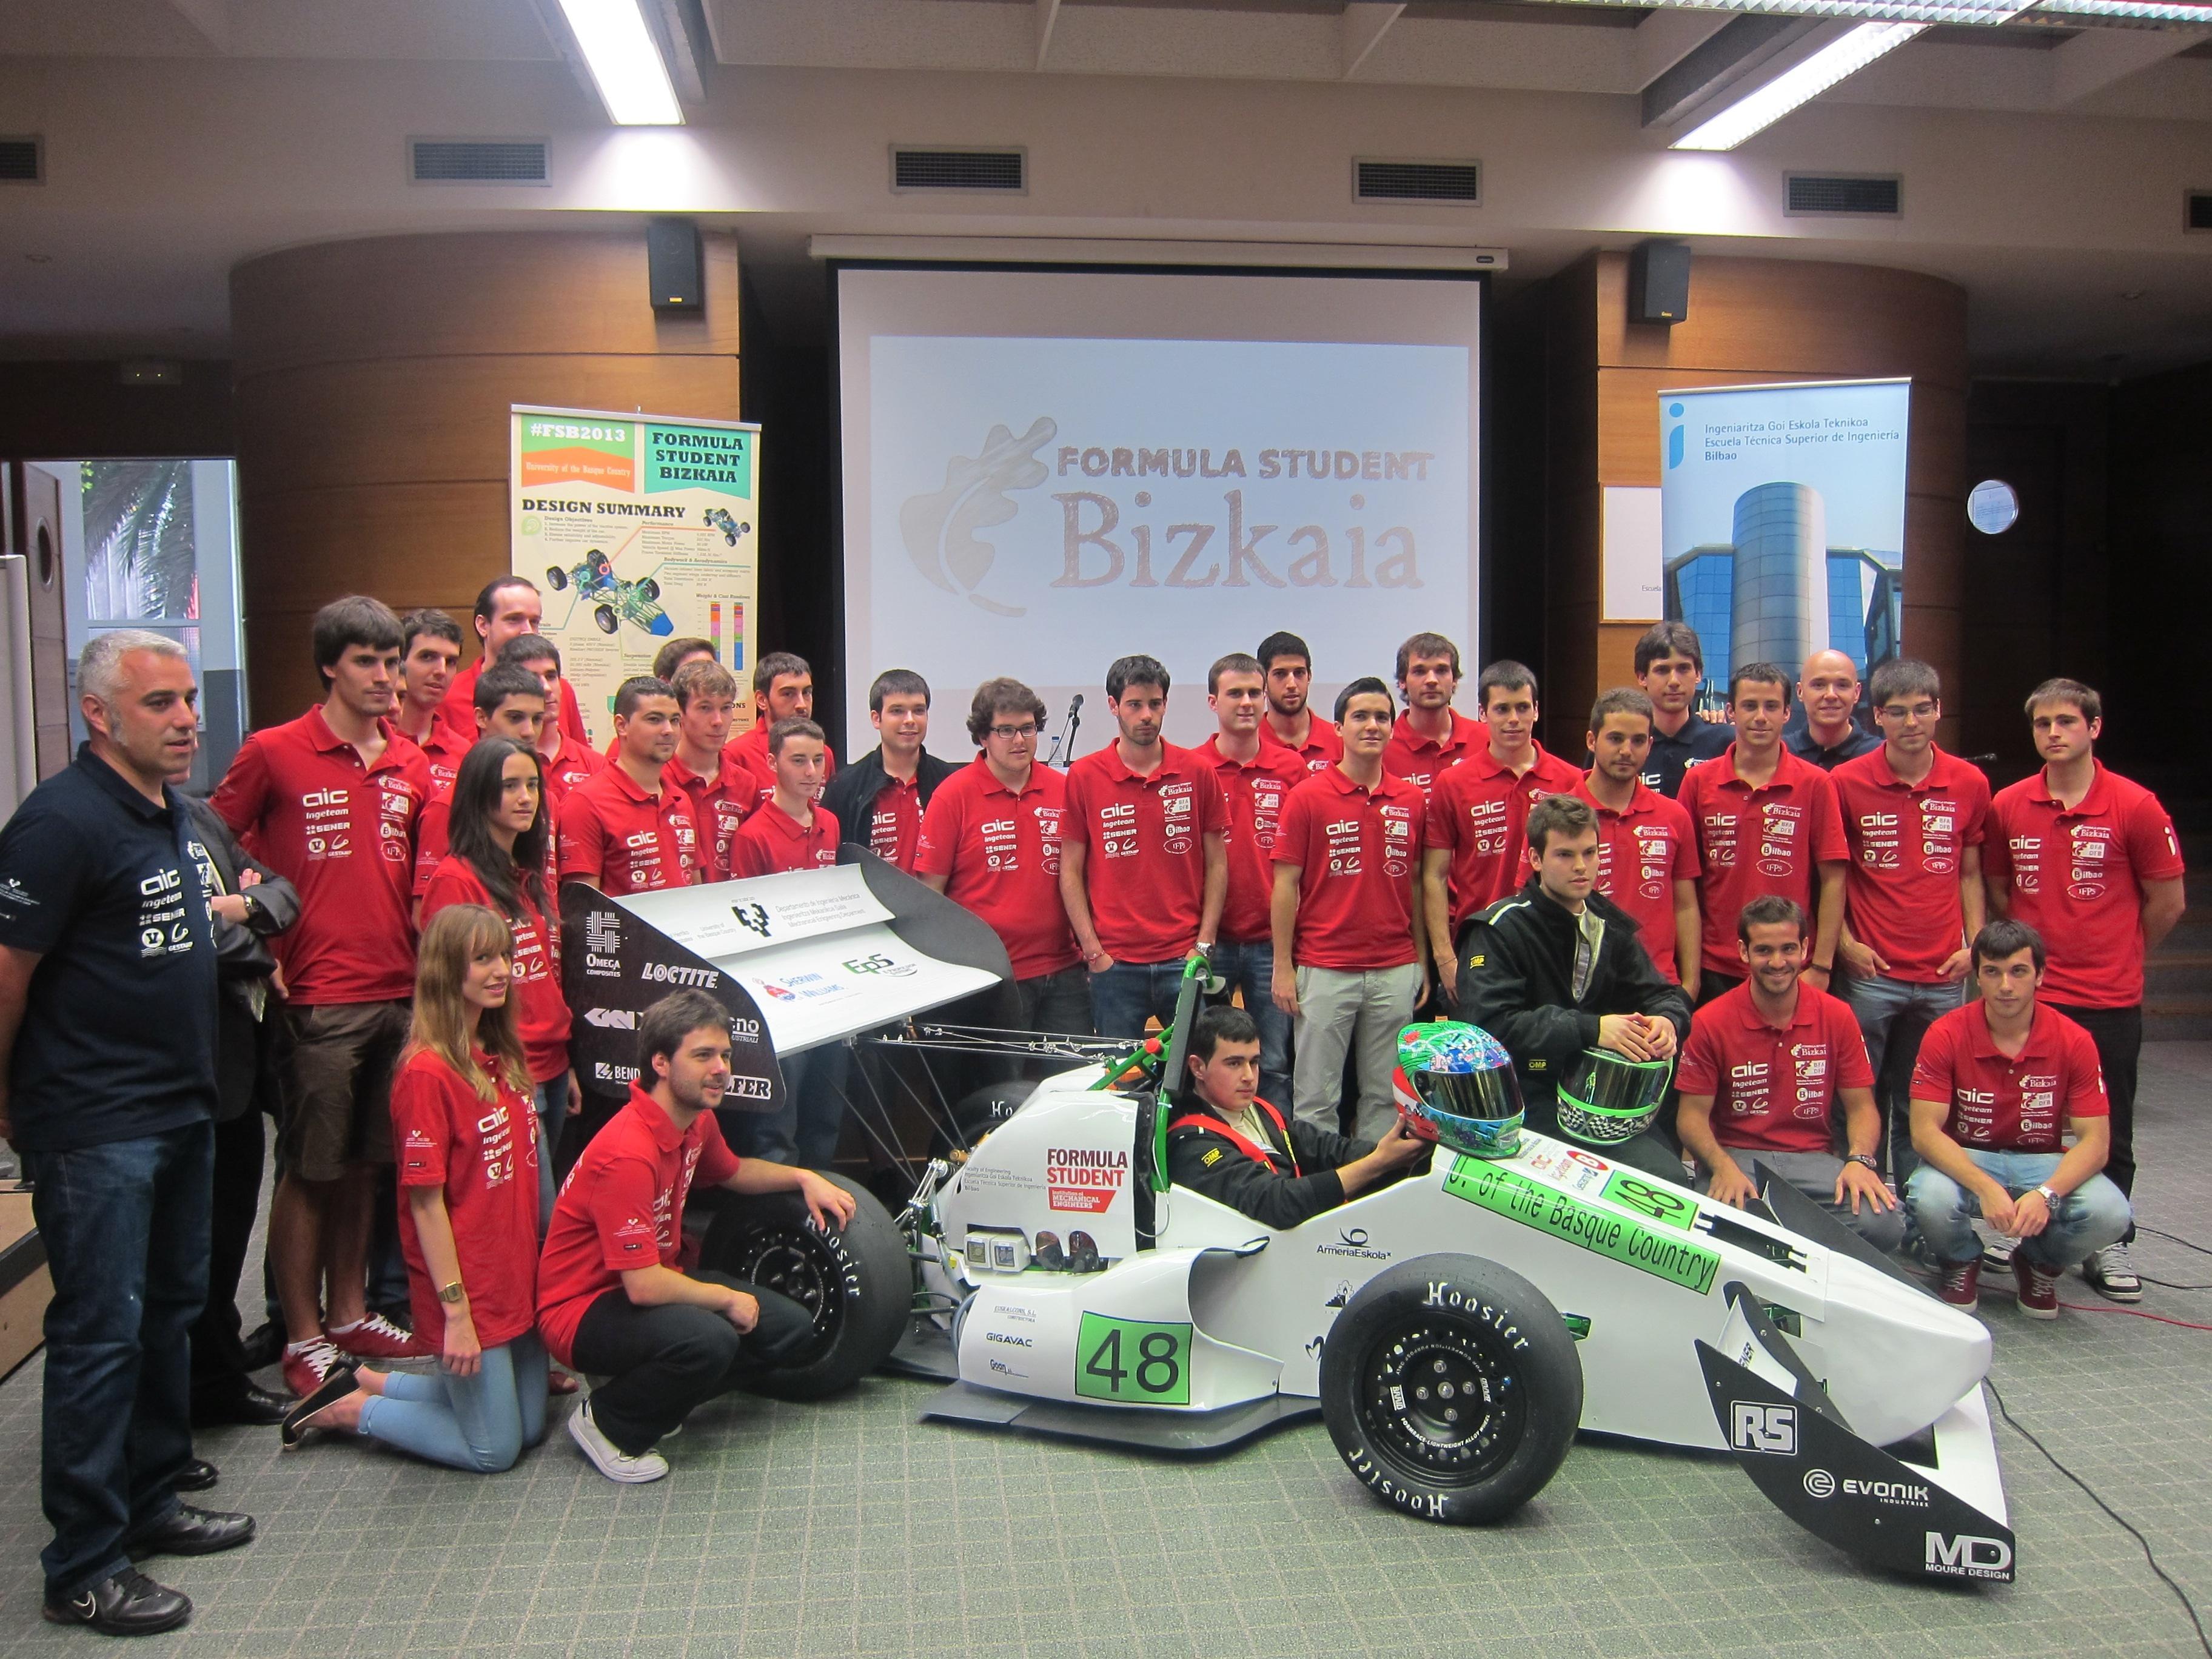 Estudiantes de ingeniería de Bilbao competirán en Silverstone con un coche eléctrico por primera vez